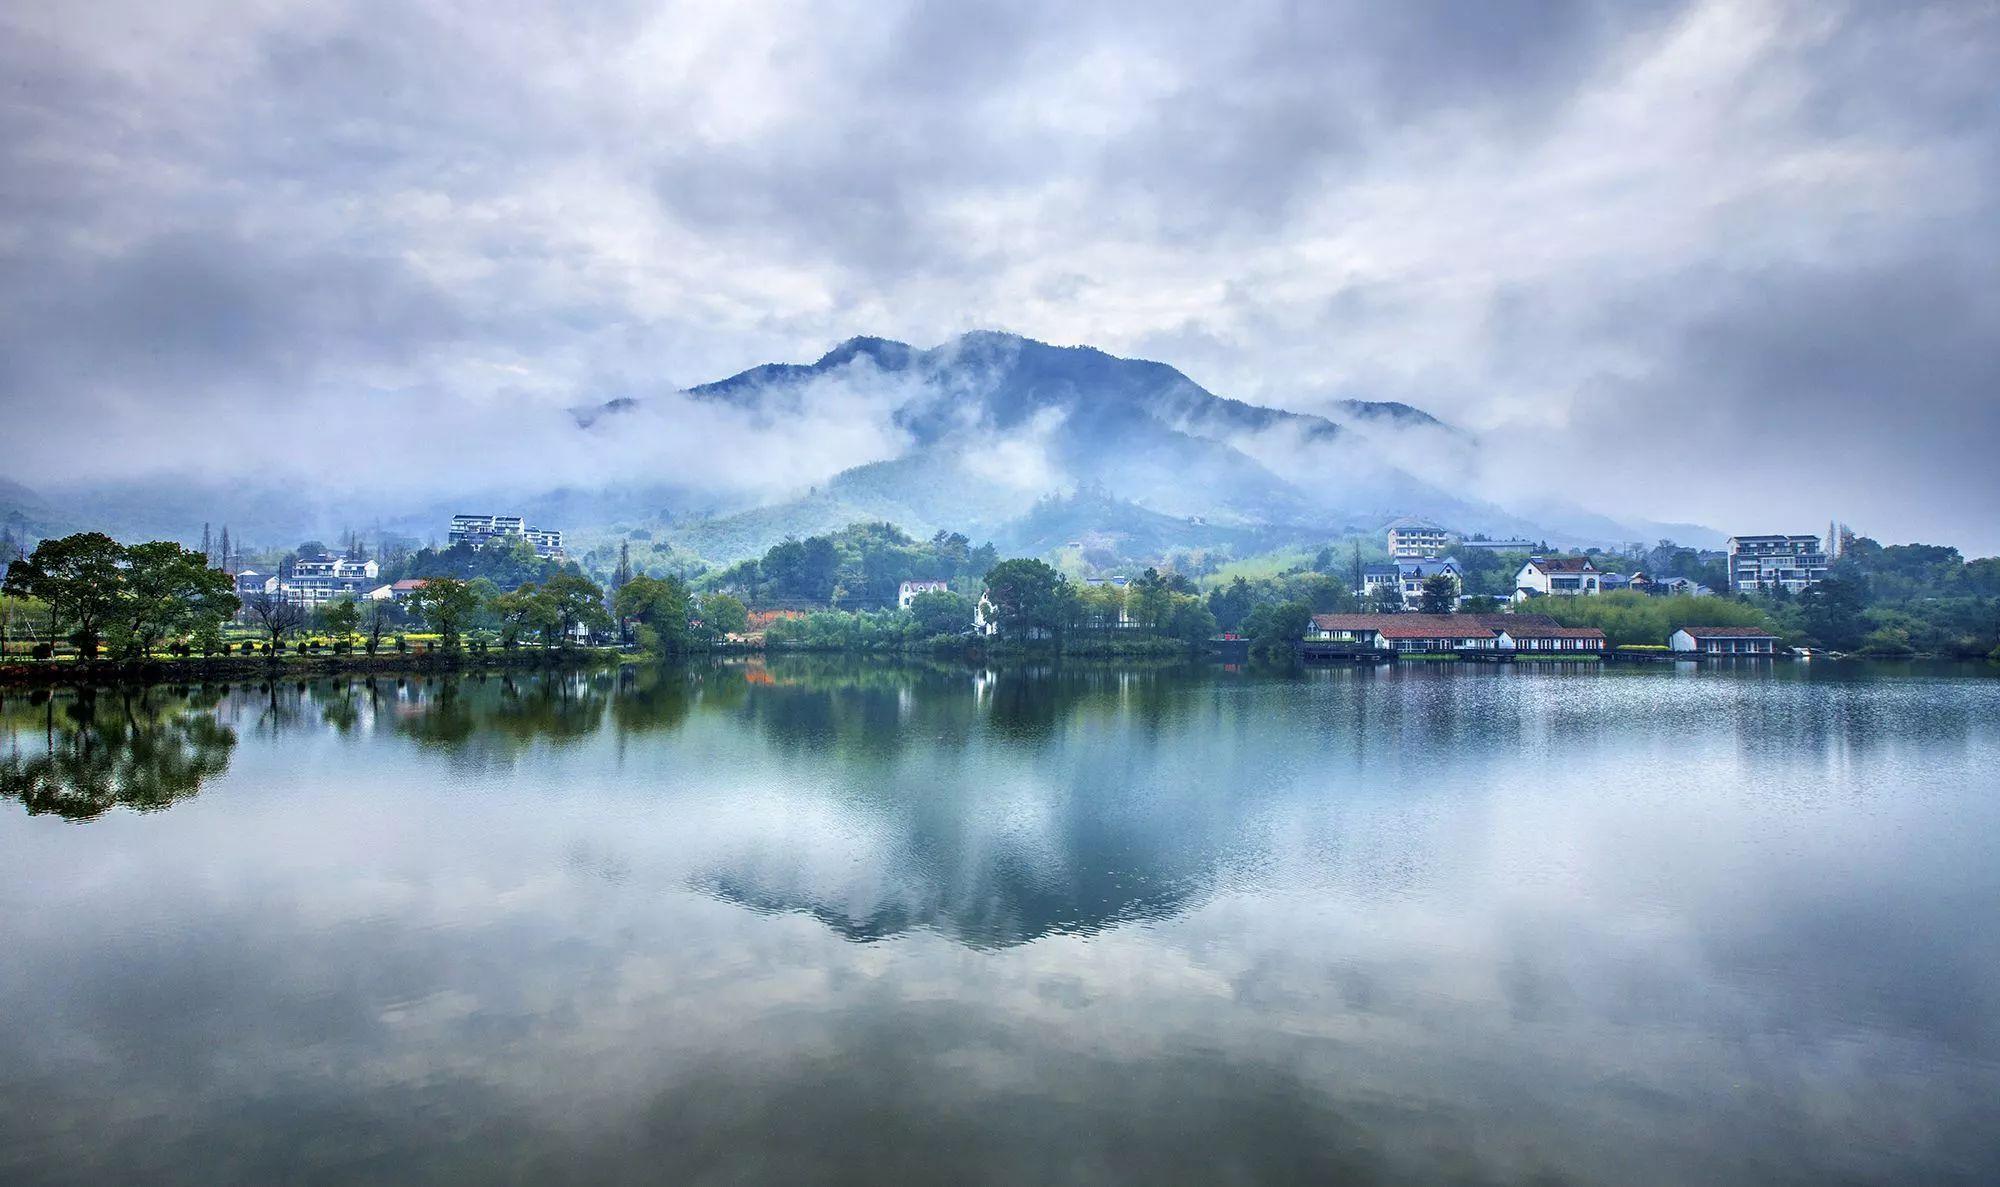 德清gdp_德清信息地理小镇图片